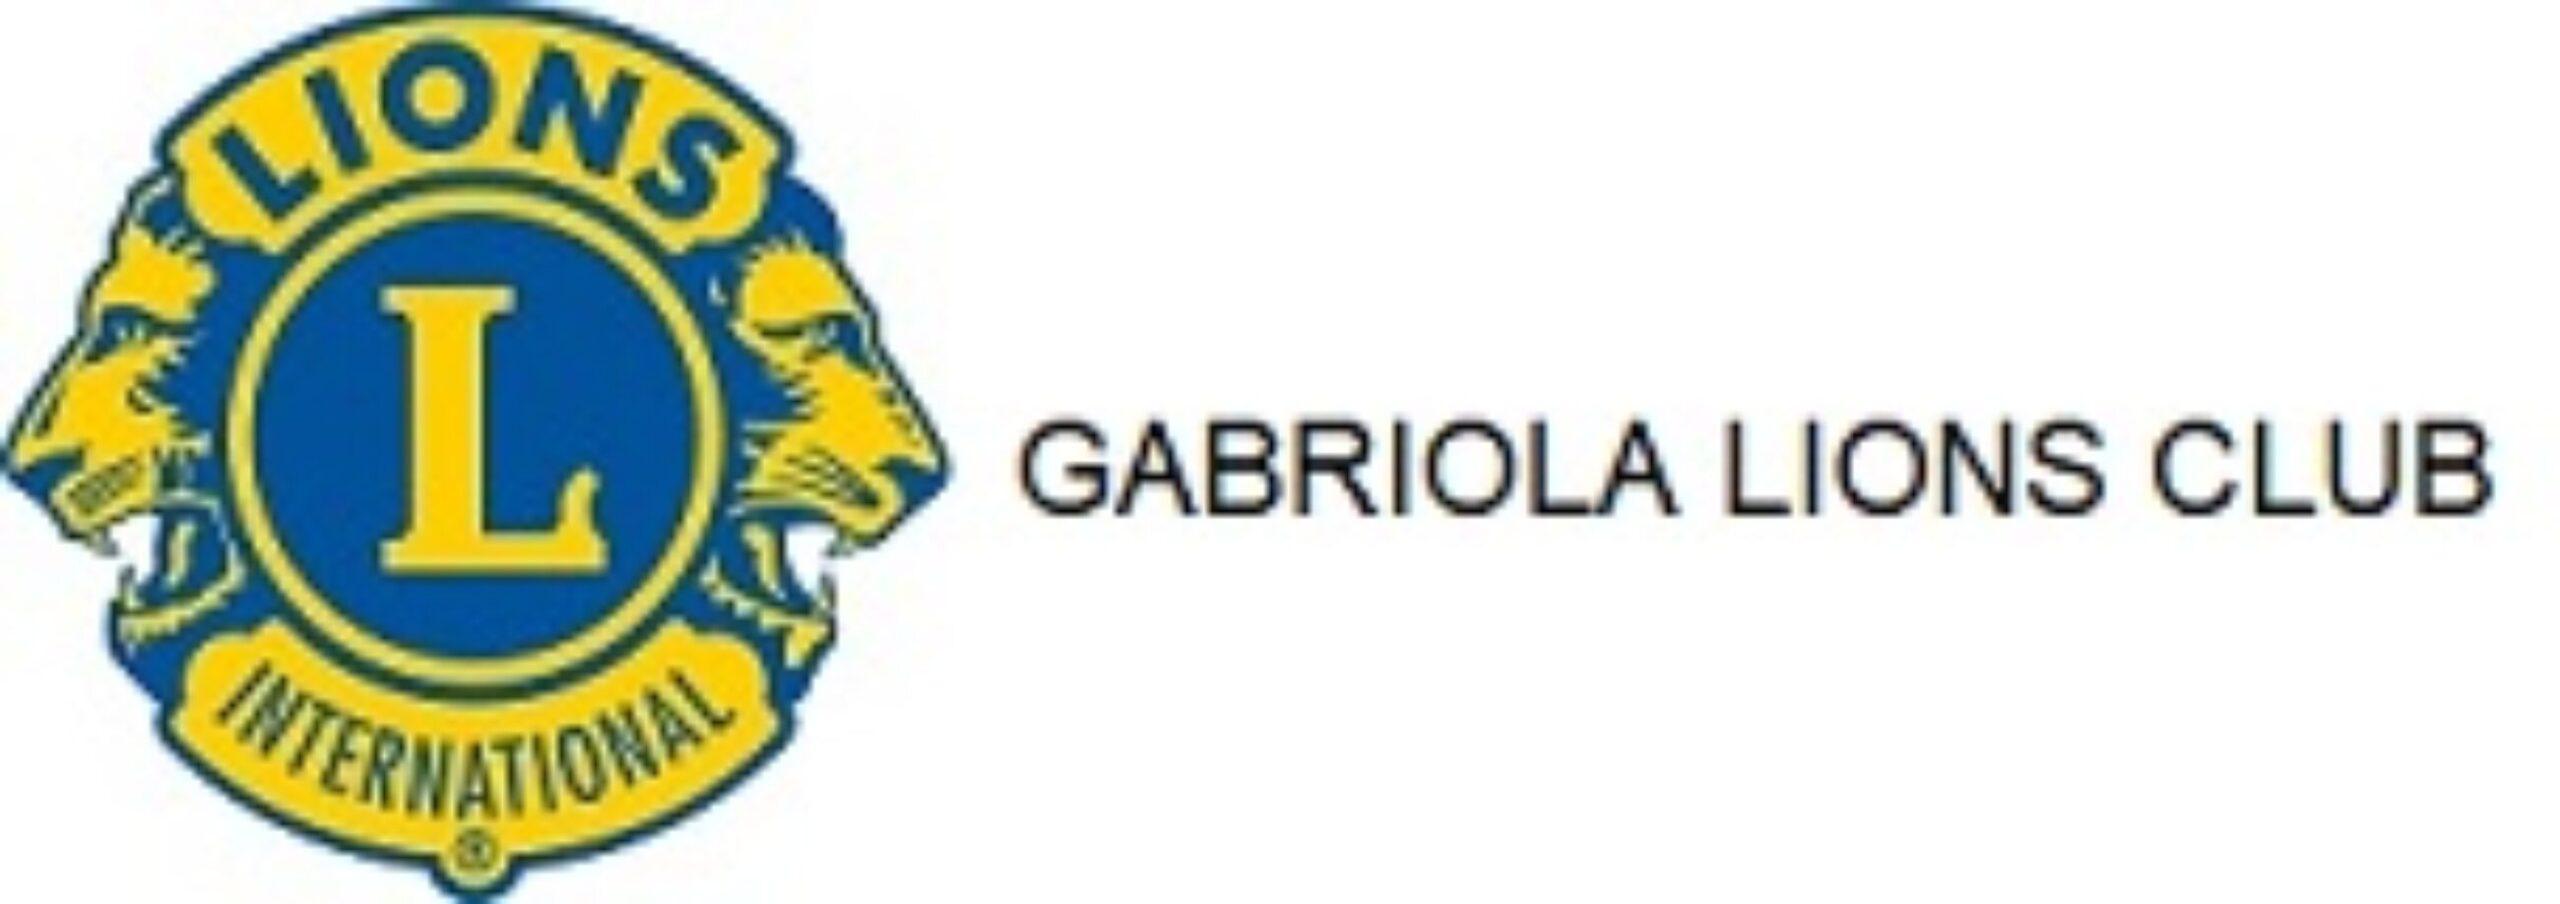 gabriola lions club logo